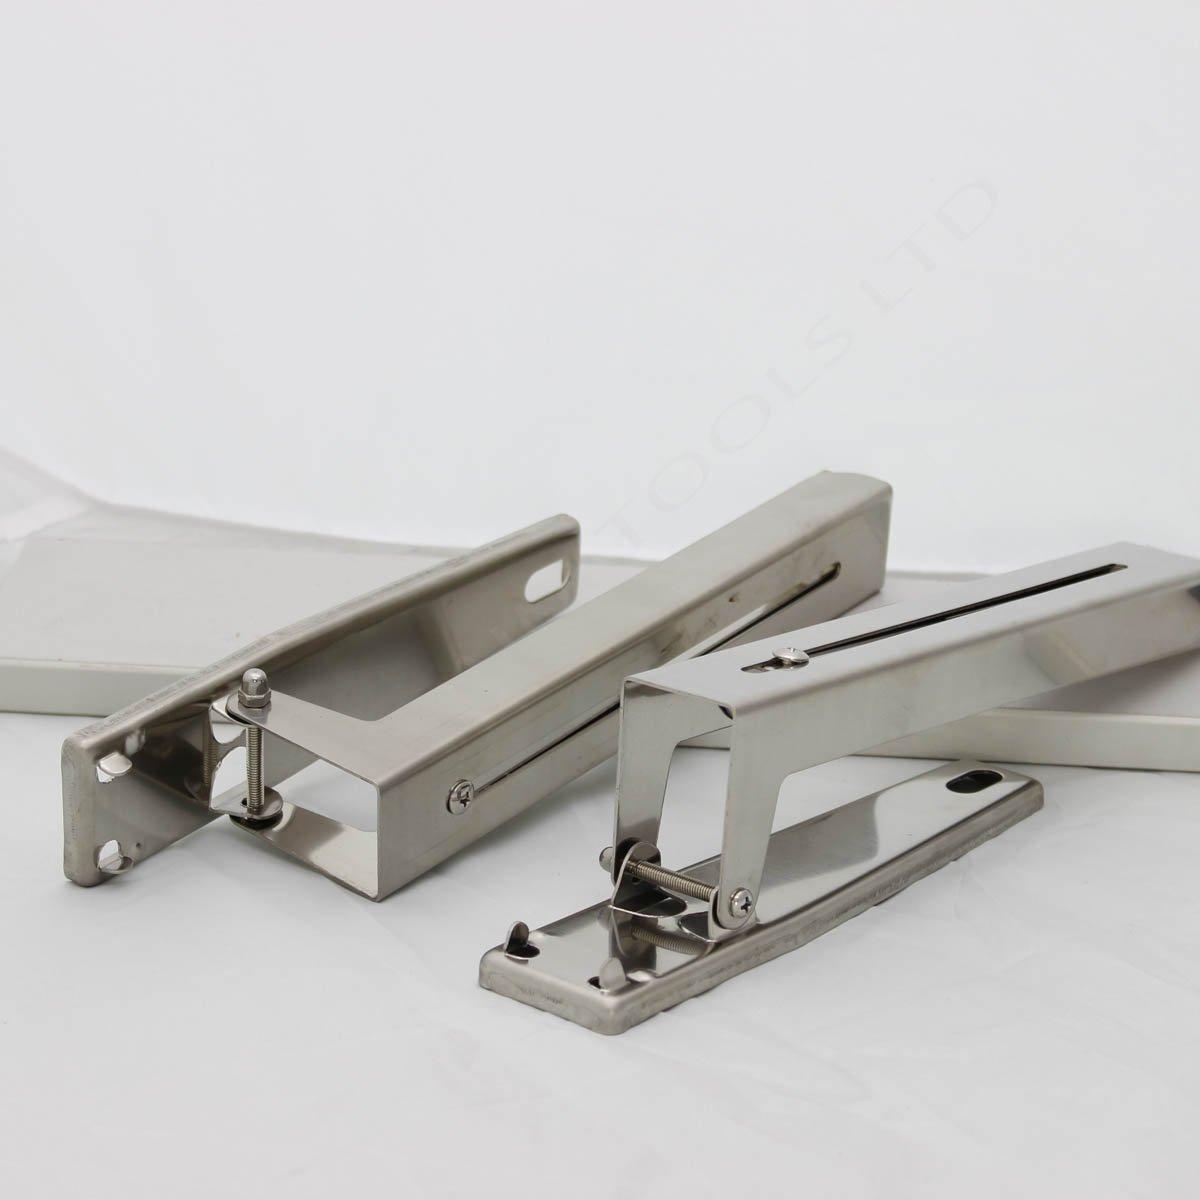 507251 supporti angolari in acciaio inox per ripiano forni a microonde